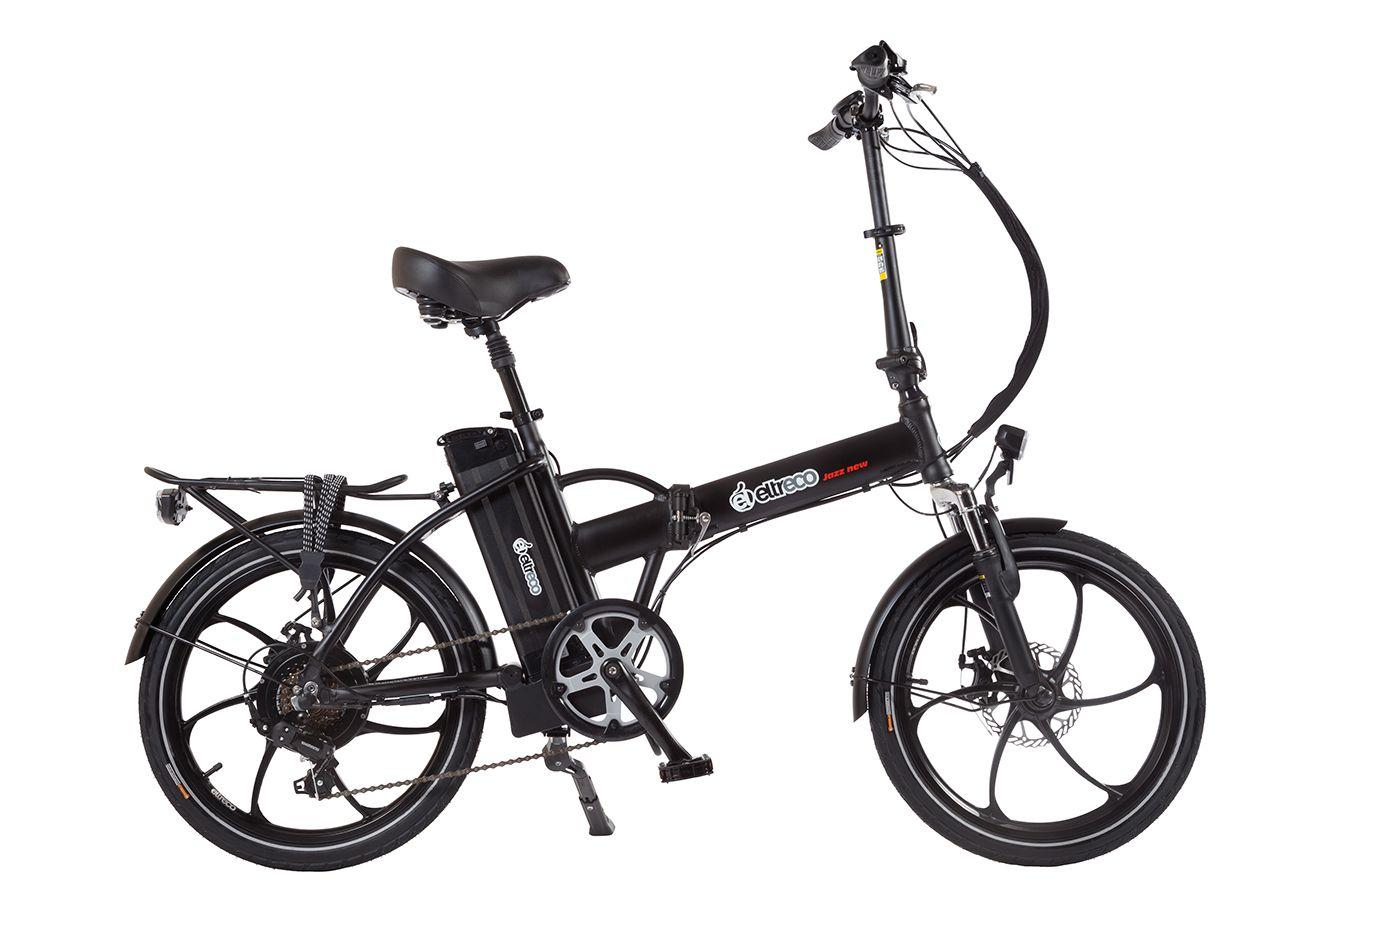 Велосипед Eltreco Jazz 5.0 500W 2016,  Электро  - артикул:267934